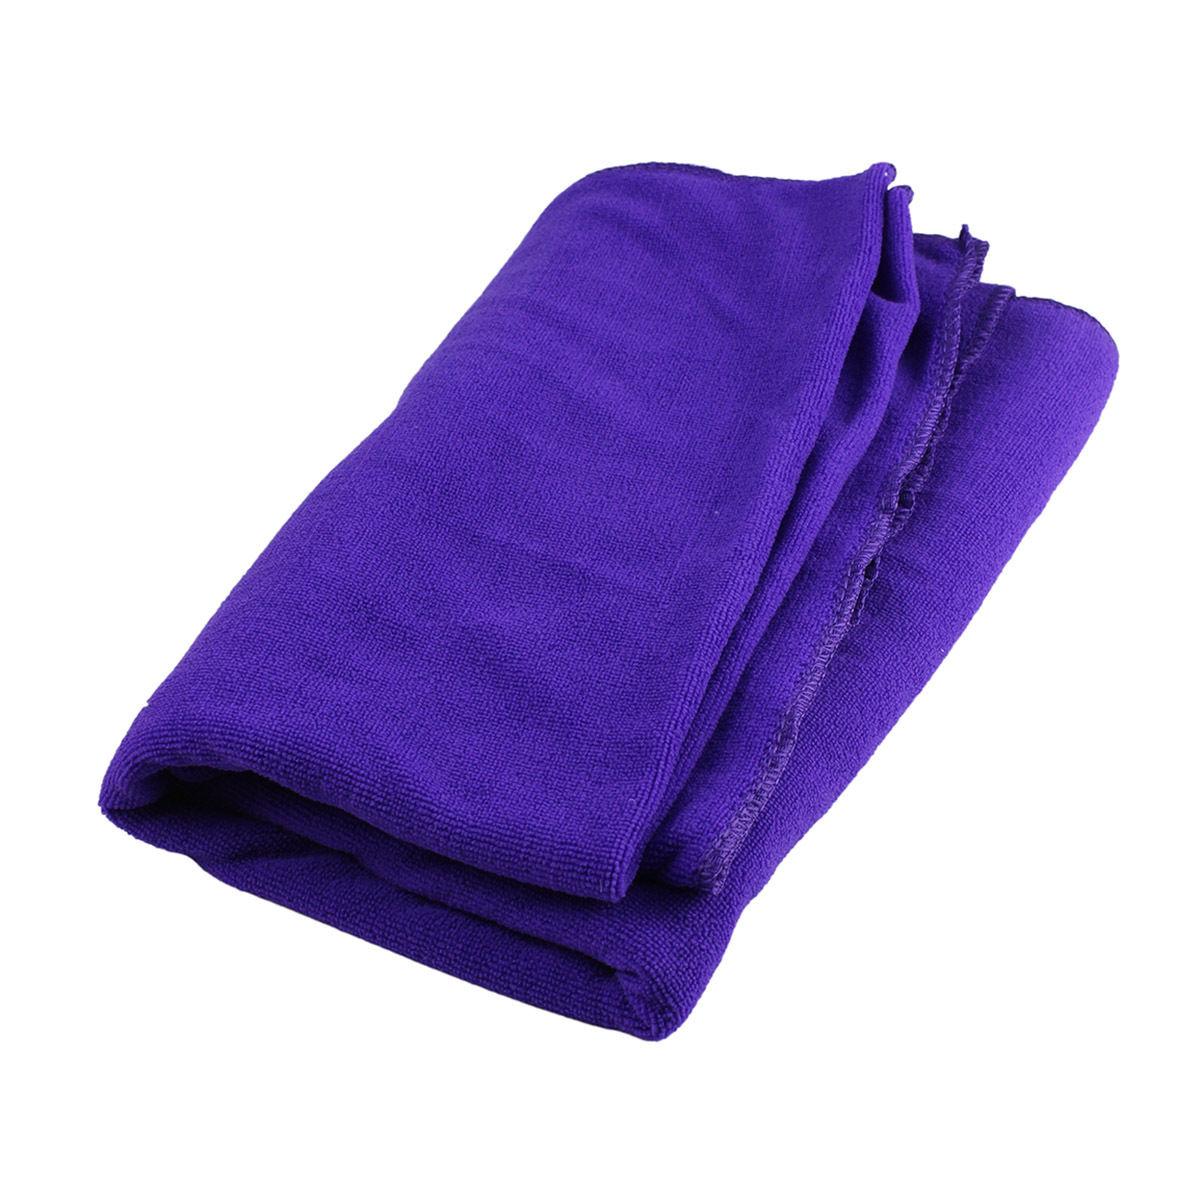 Microfiber Bath Towels For Camping: High-Quality-Soft-Microfiber-Bath-Beach-Swimwear-Gym